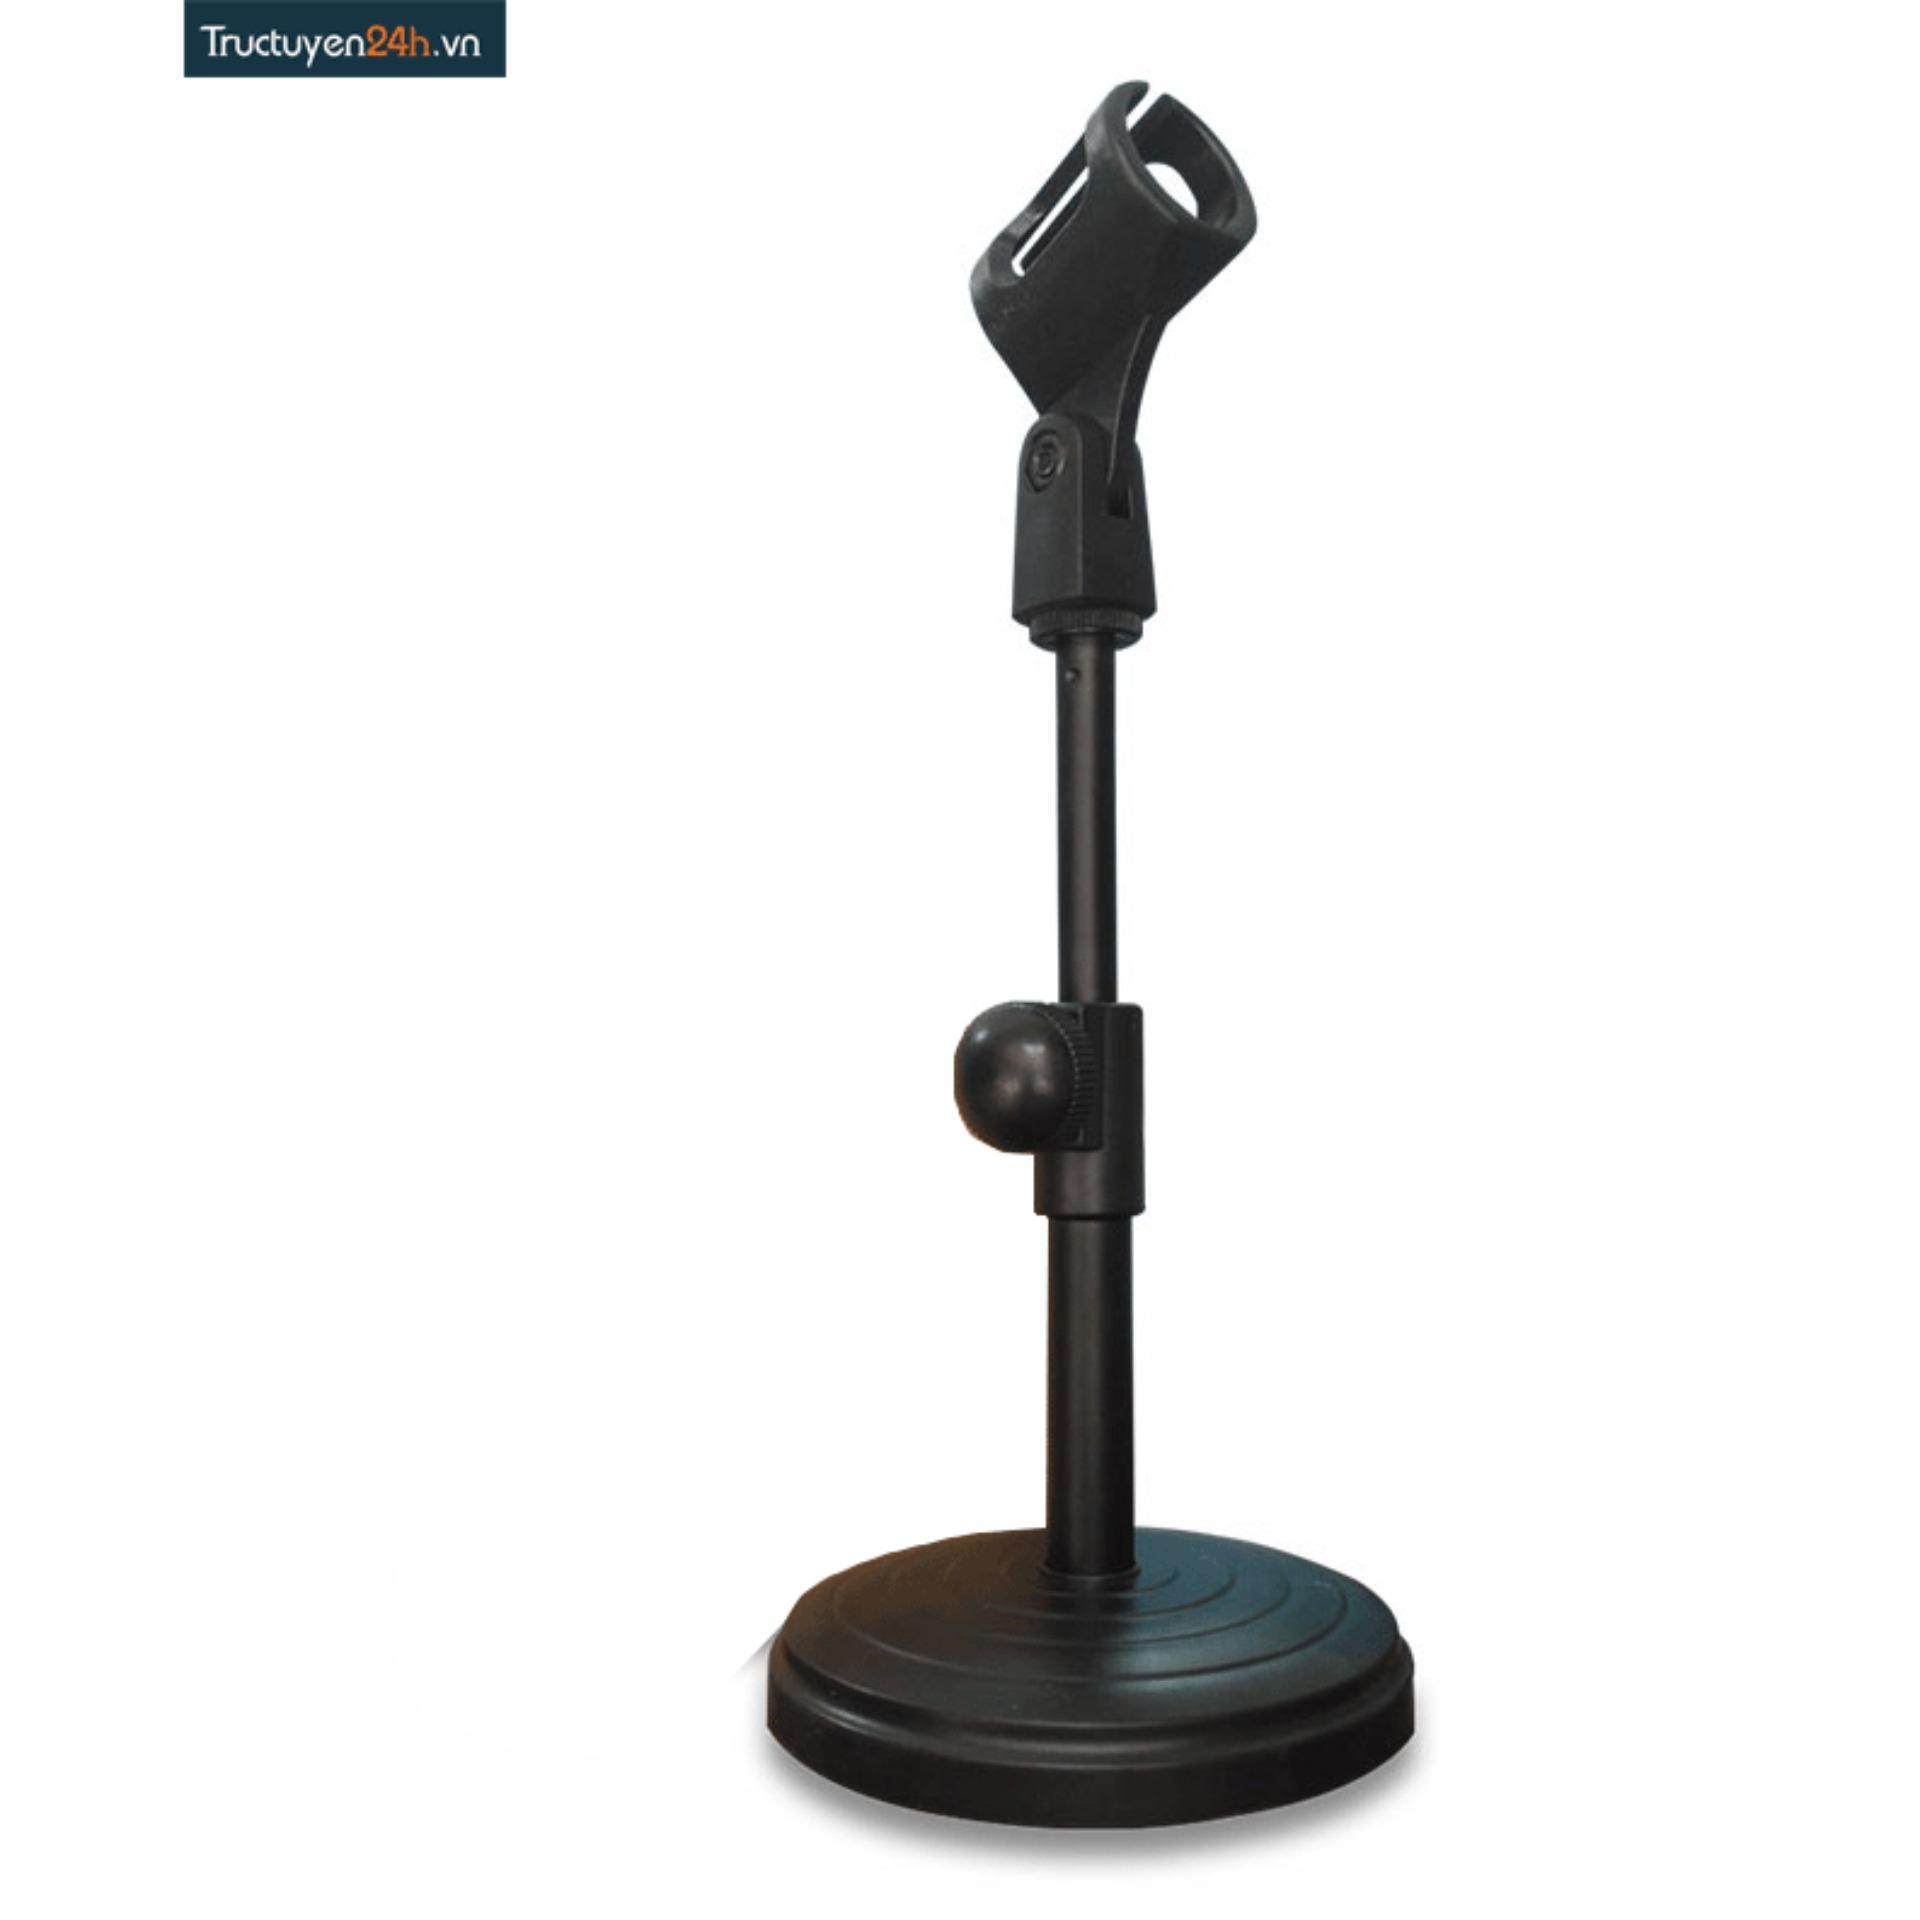 Vì sao mua Chân đế micro để bàn Microphone Stand